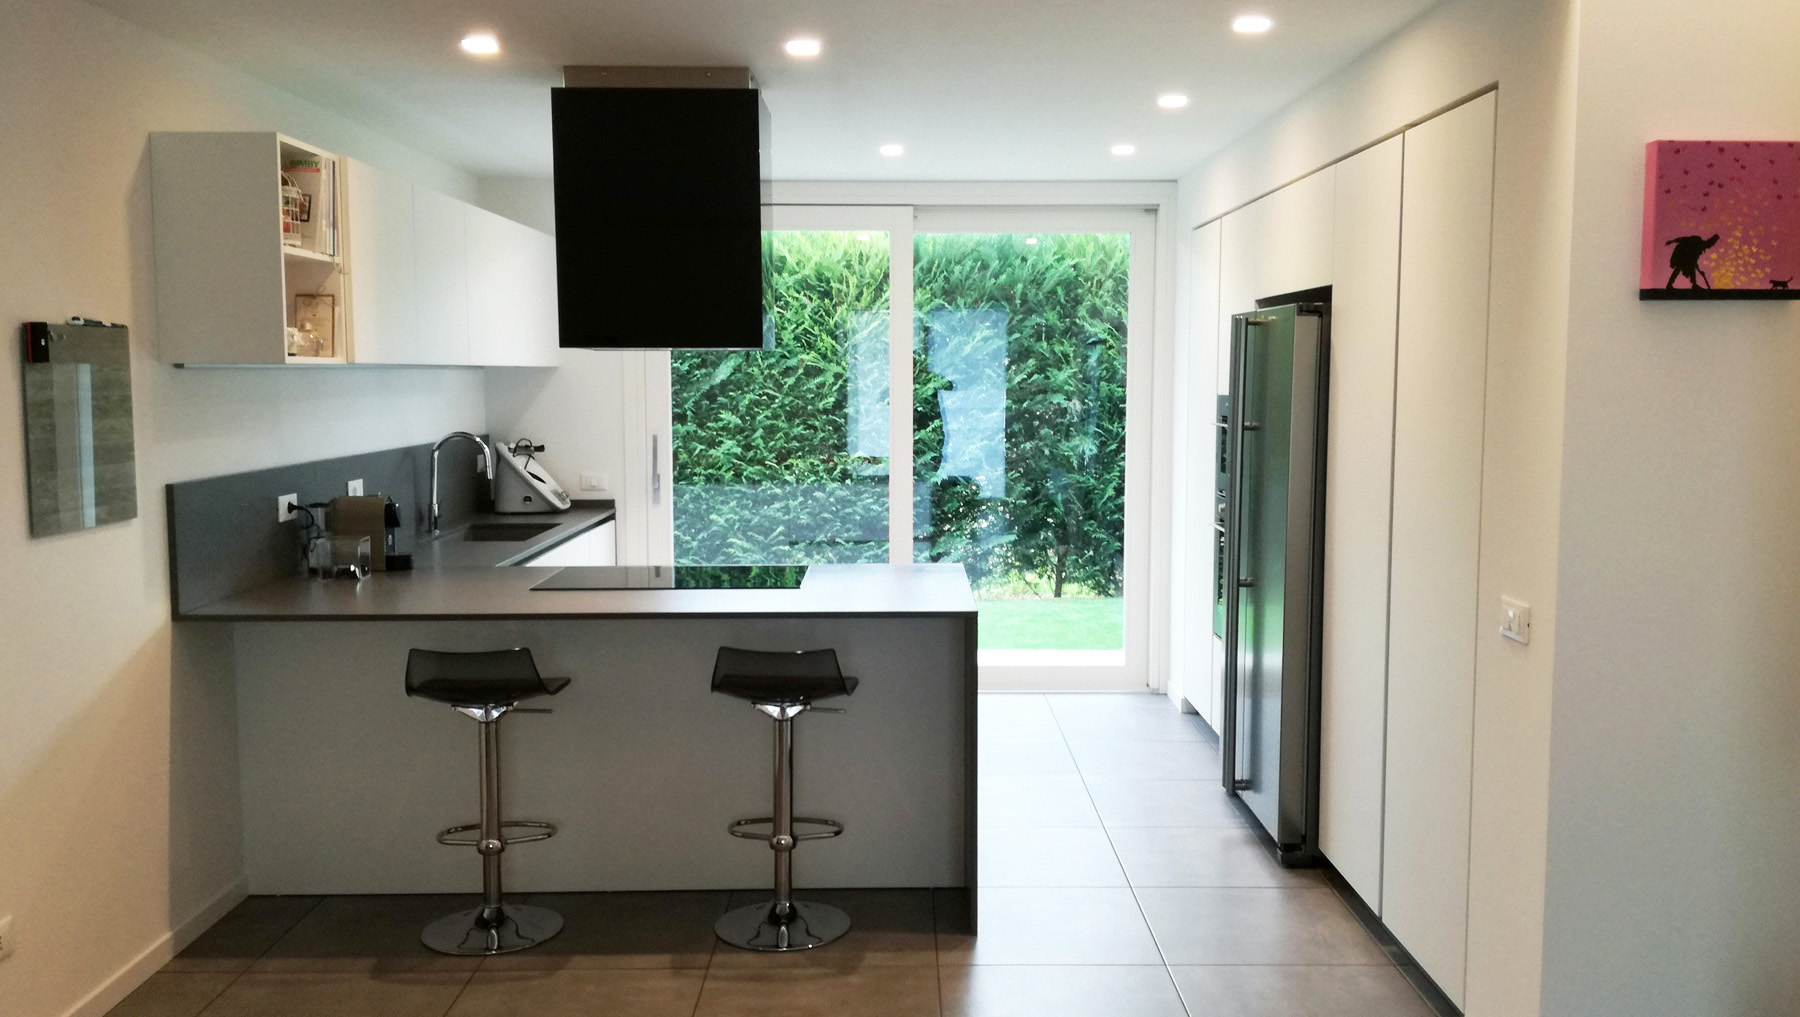 Cucina laccata bianco con penisola e colonne incassate arredamenti barin - Cucina con penisola ...